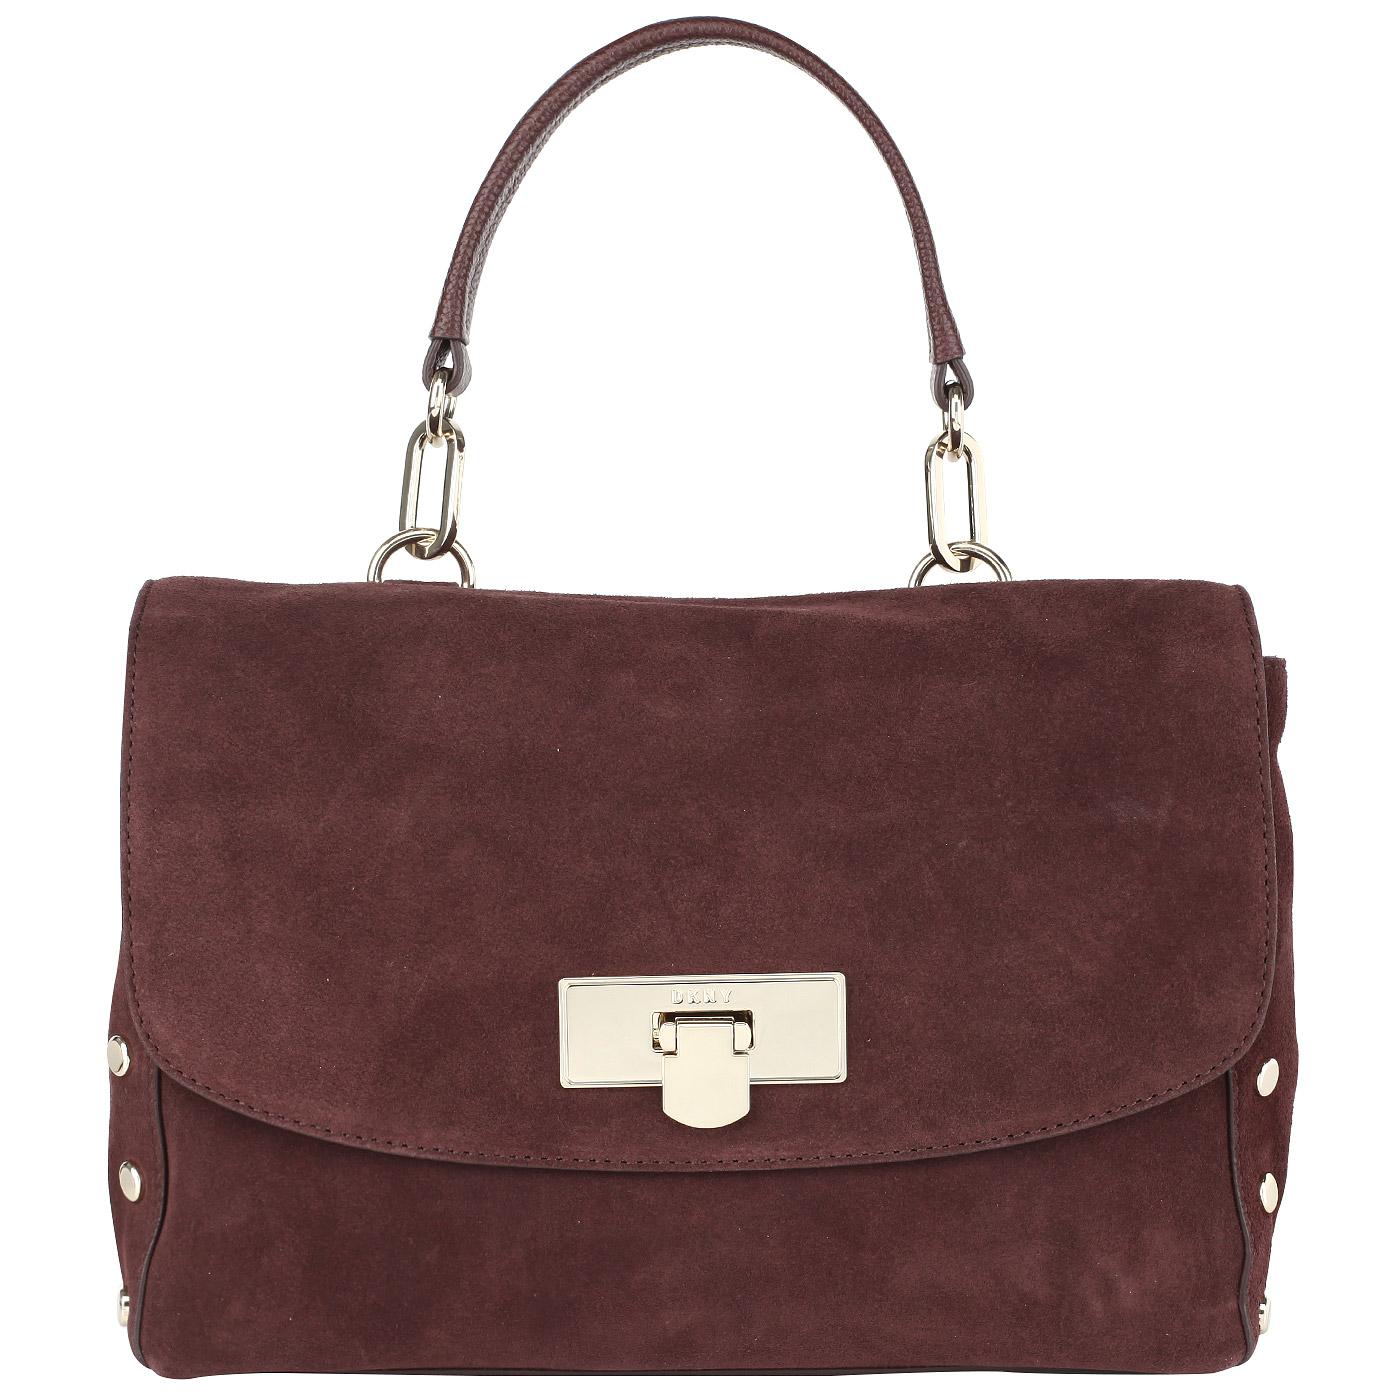 c3af4d660d94 Бордовая замшевая сумка с откидным клапаном DKNY Suede R3122061-636 ...